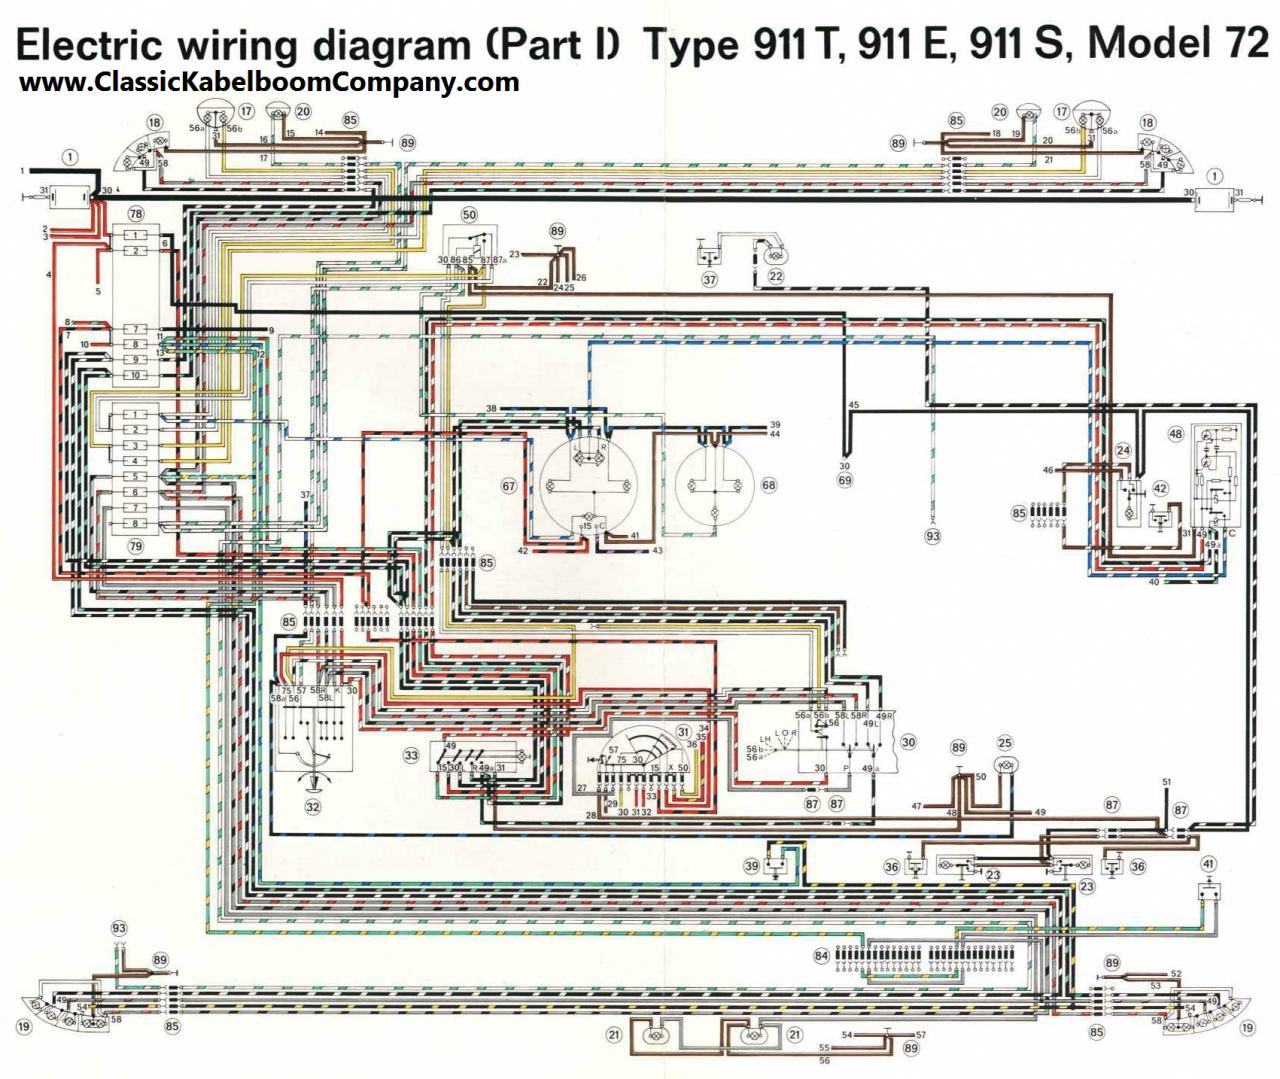 911 1972 1 porsche wiring diagram 1972 banquet style meeting room set up 1984 porsche 911 wiring diagram at beritabola.co